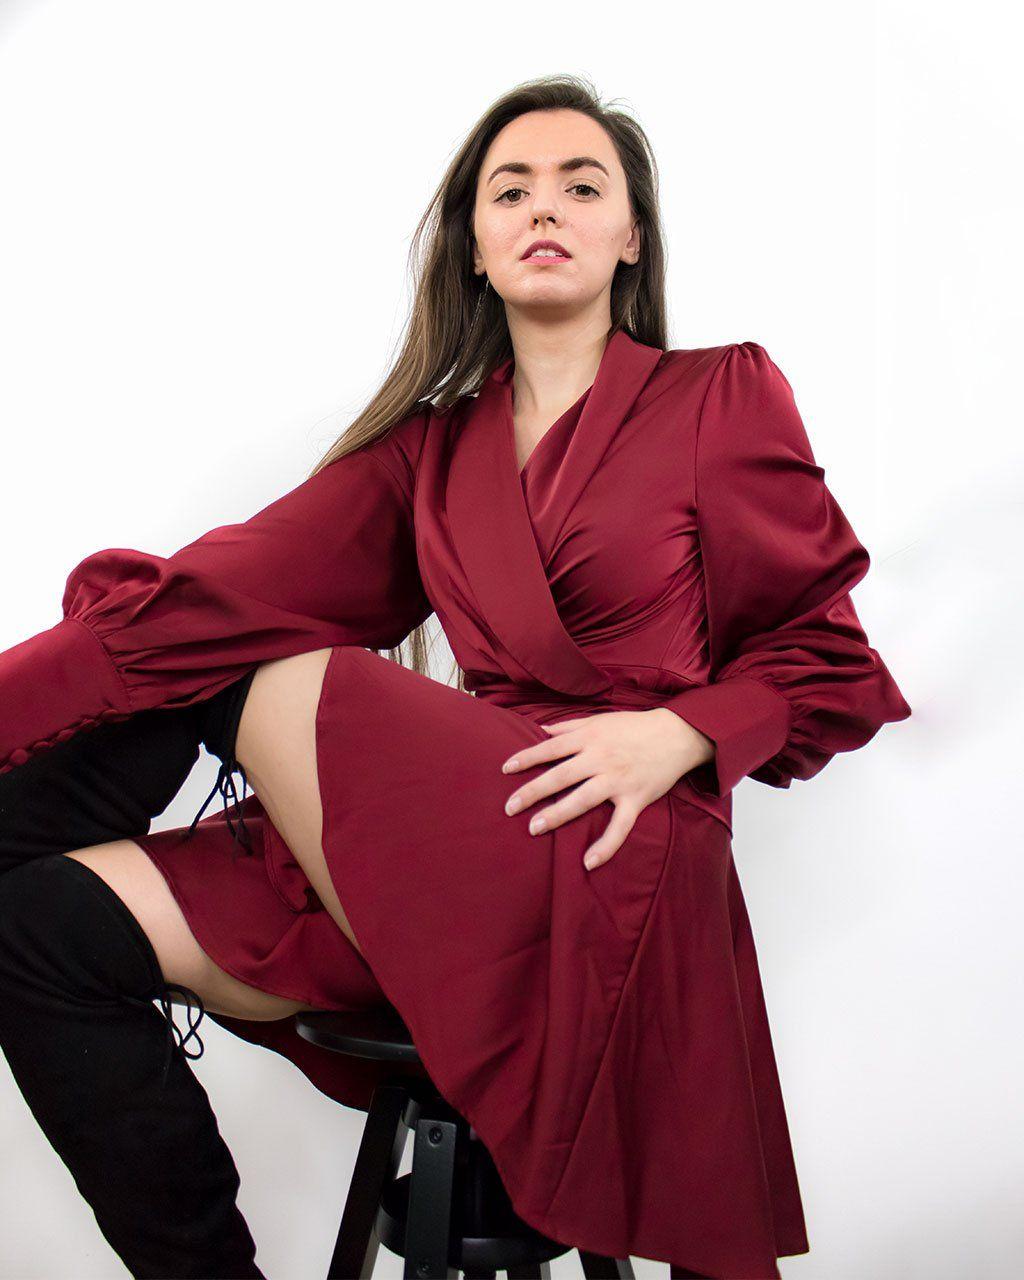 Elye Mini Red Satin Wrap Dress - XL